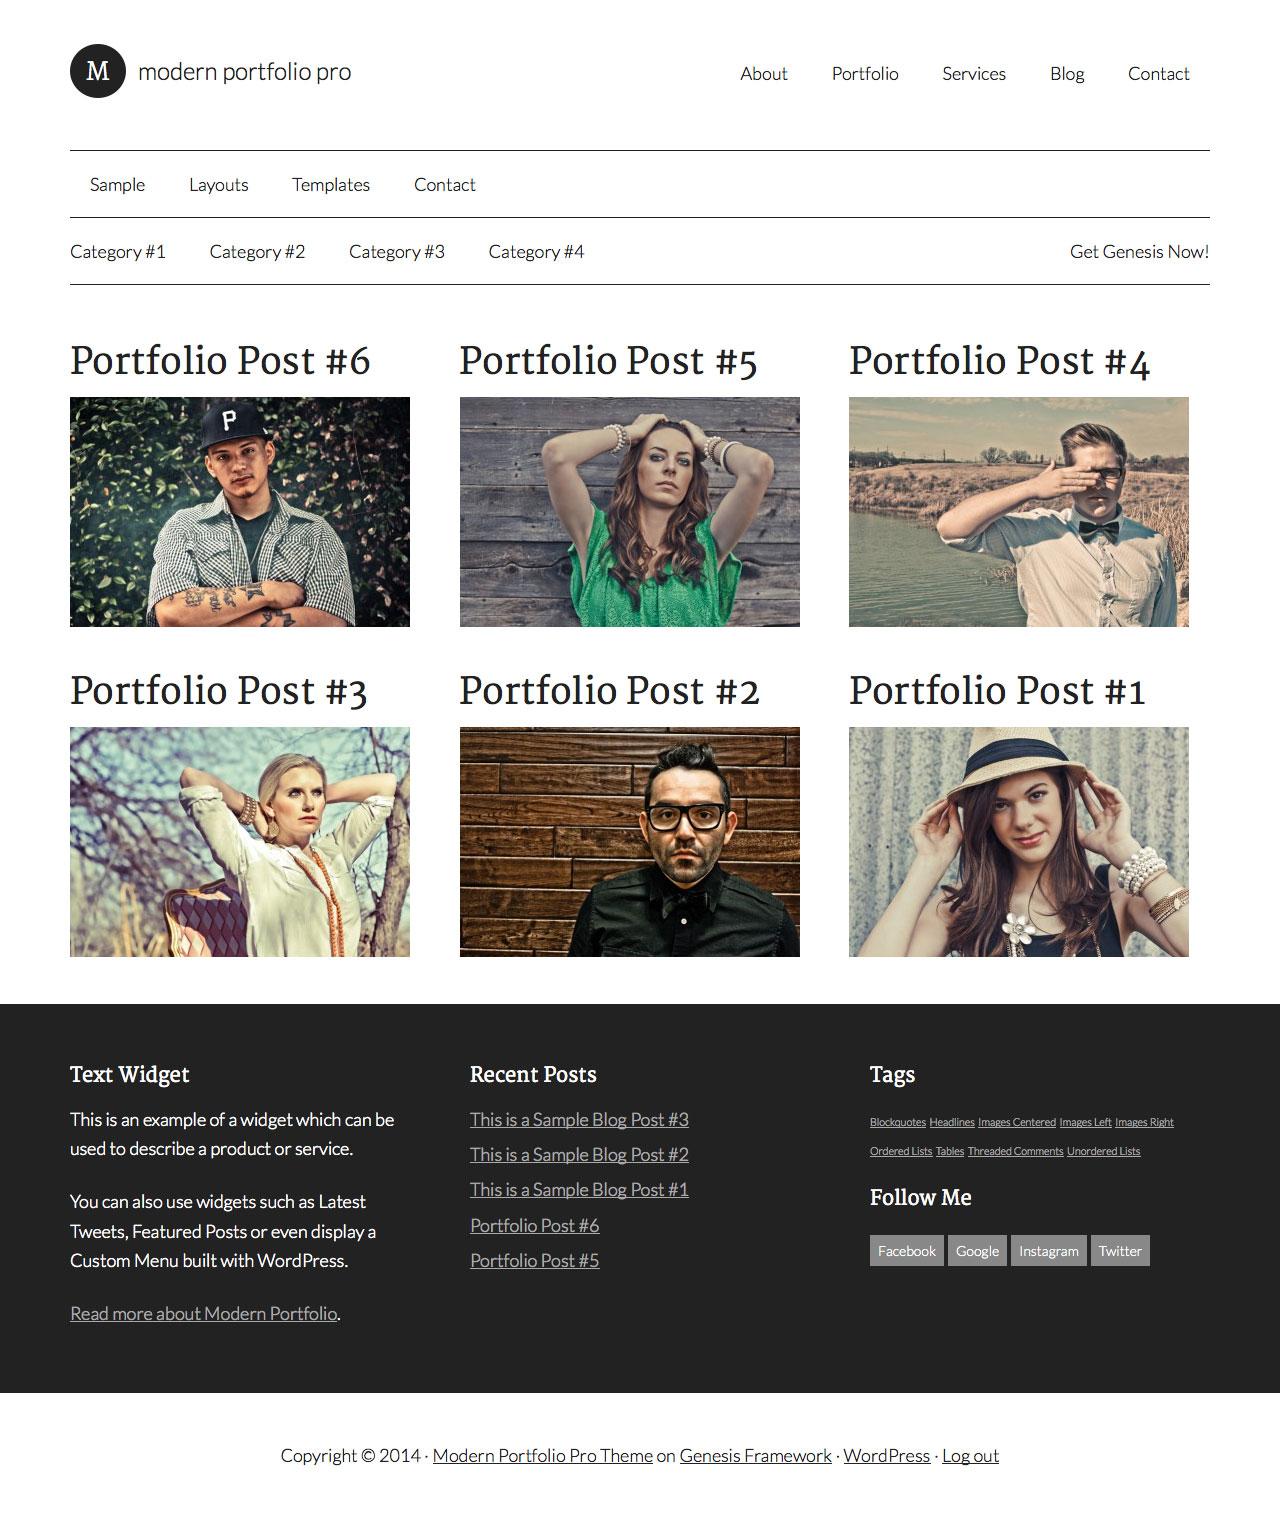 portfolio-category-columns-mpp